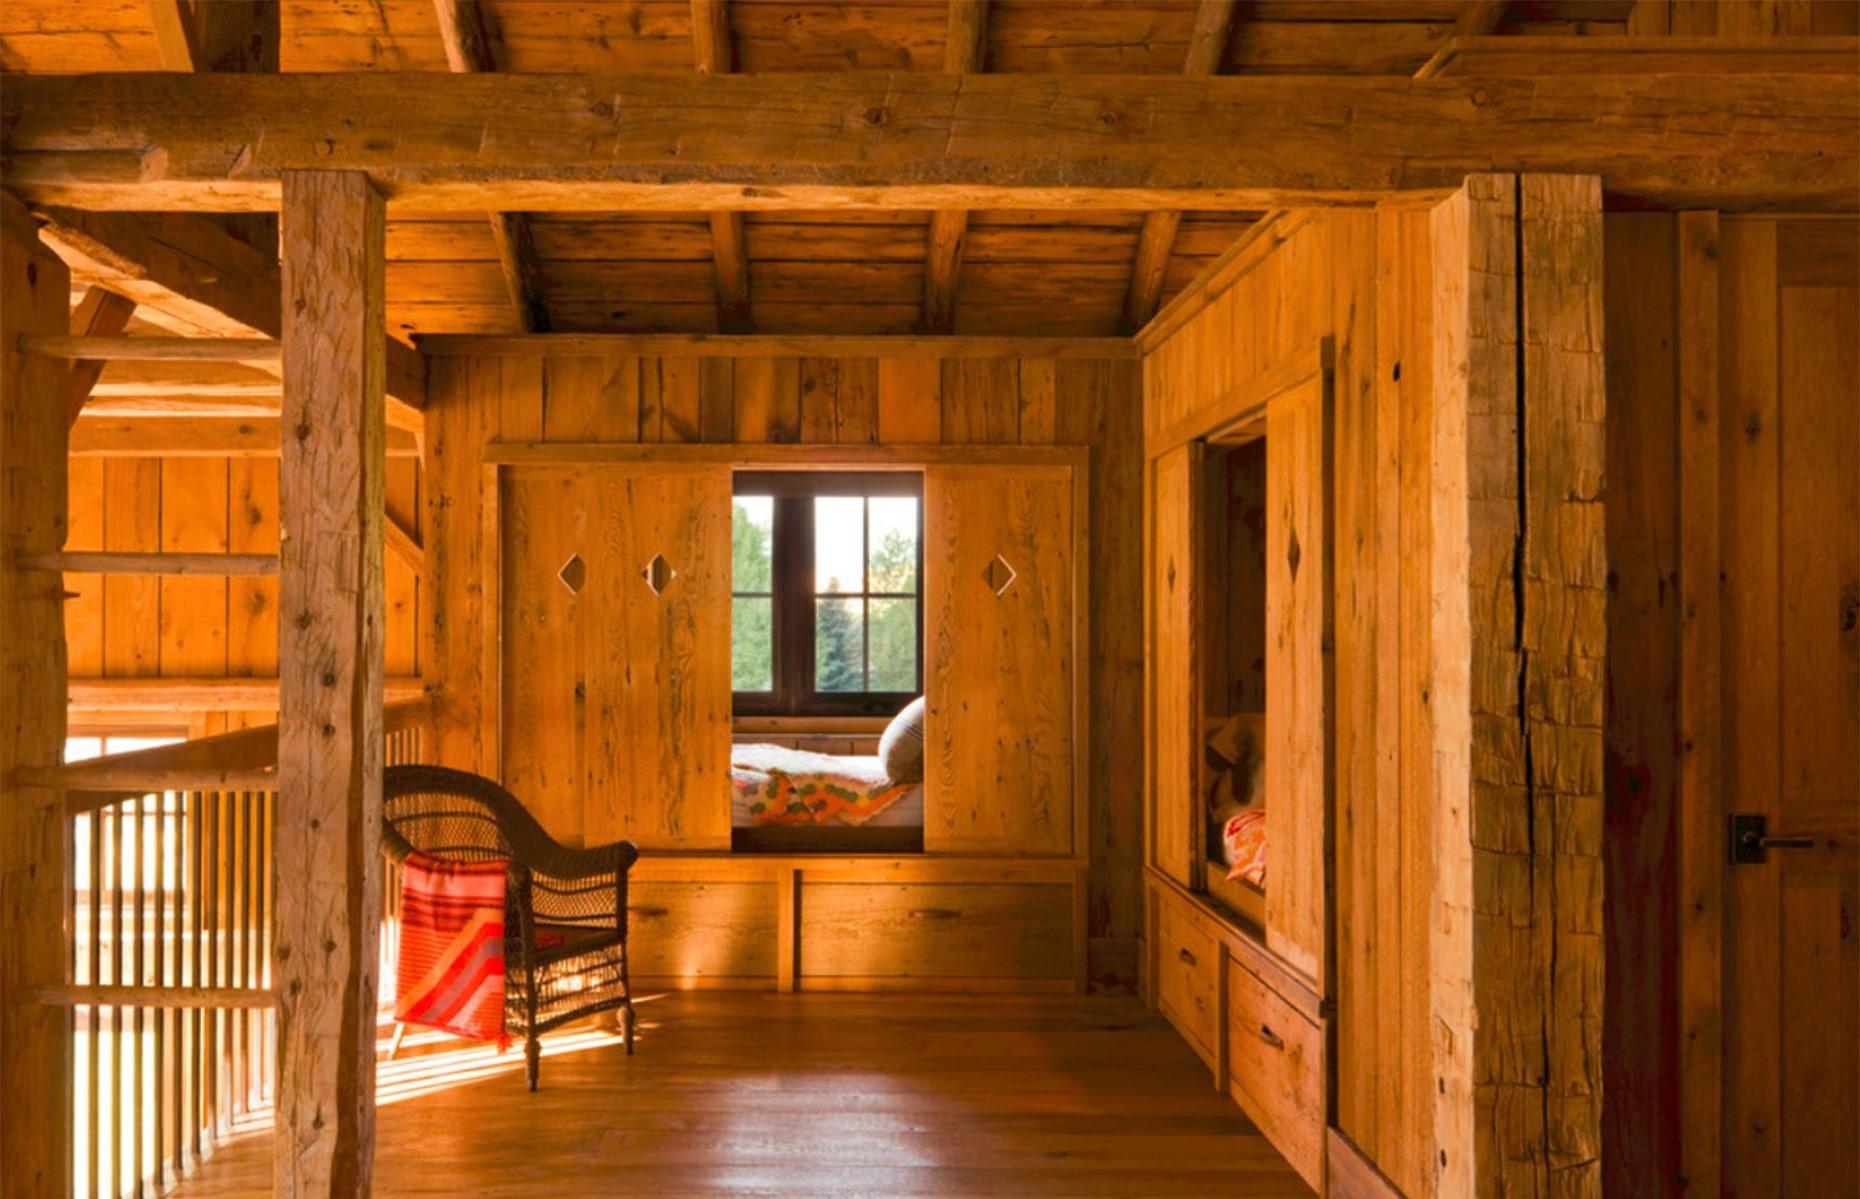 Voici l'option à une chambre qui plaira aux enfants: des niches pour dormir fermées par des volets de style chalet.